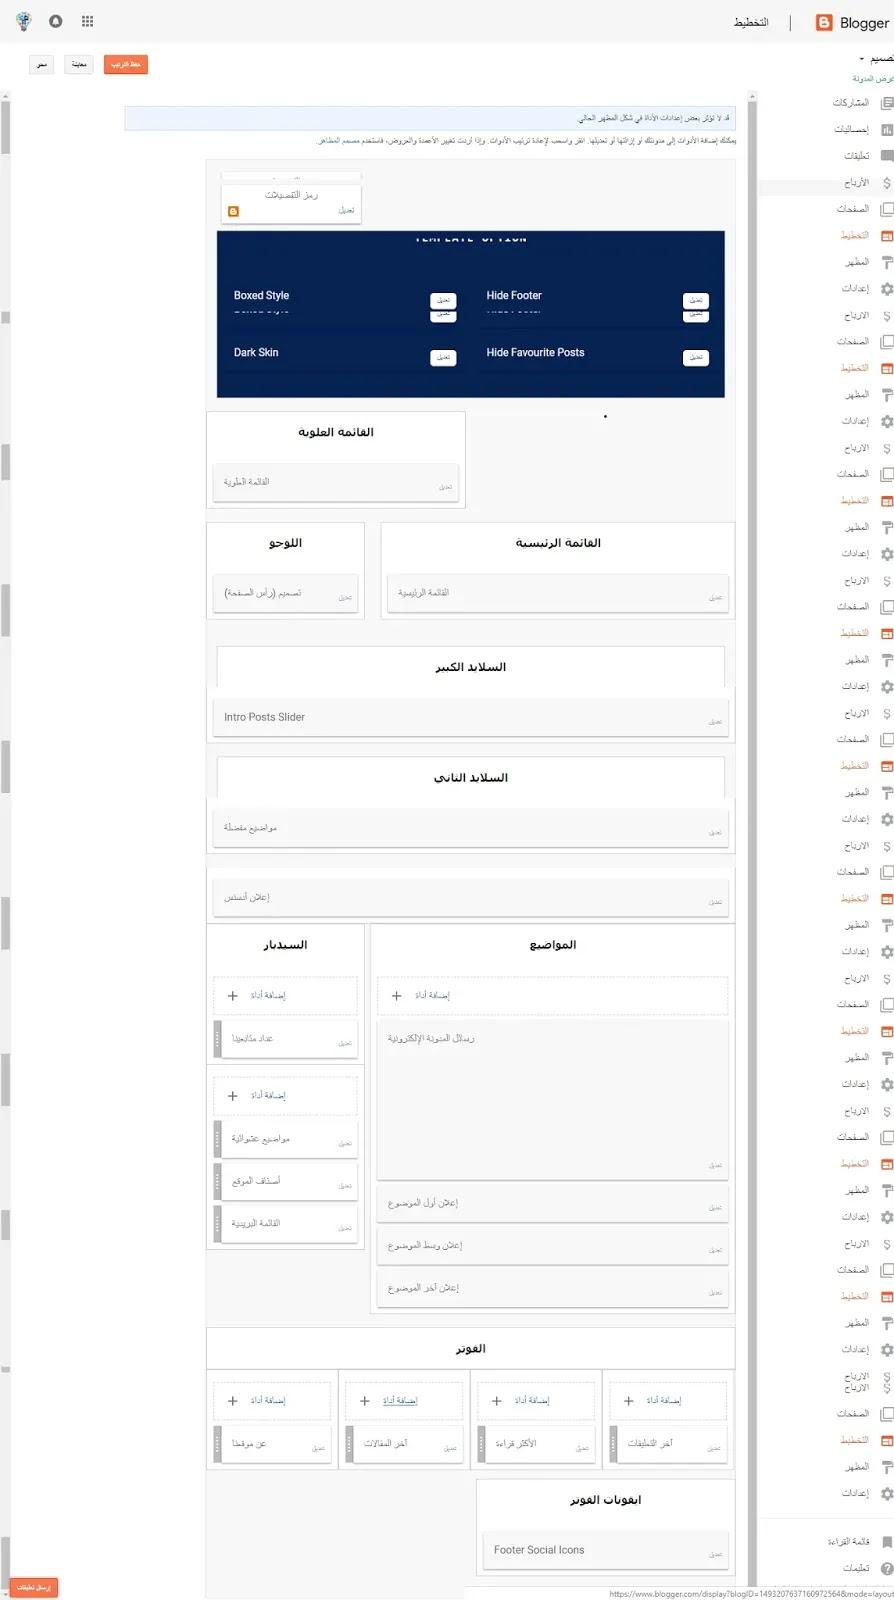 تحميل أفضل قالب بلوجر تقنى مجاني 2019 قالب اندلس بدون حقوق بدون تشفير